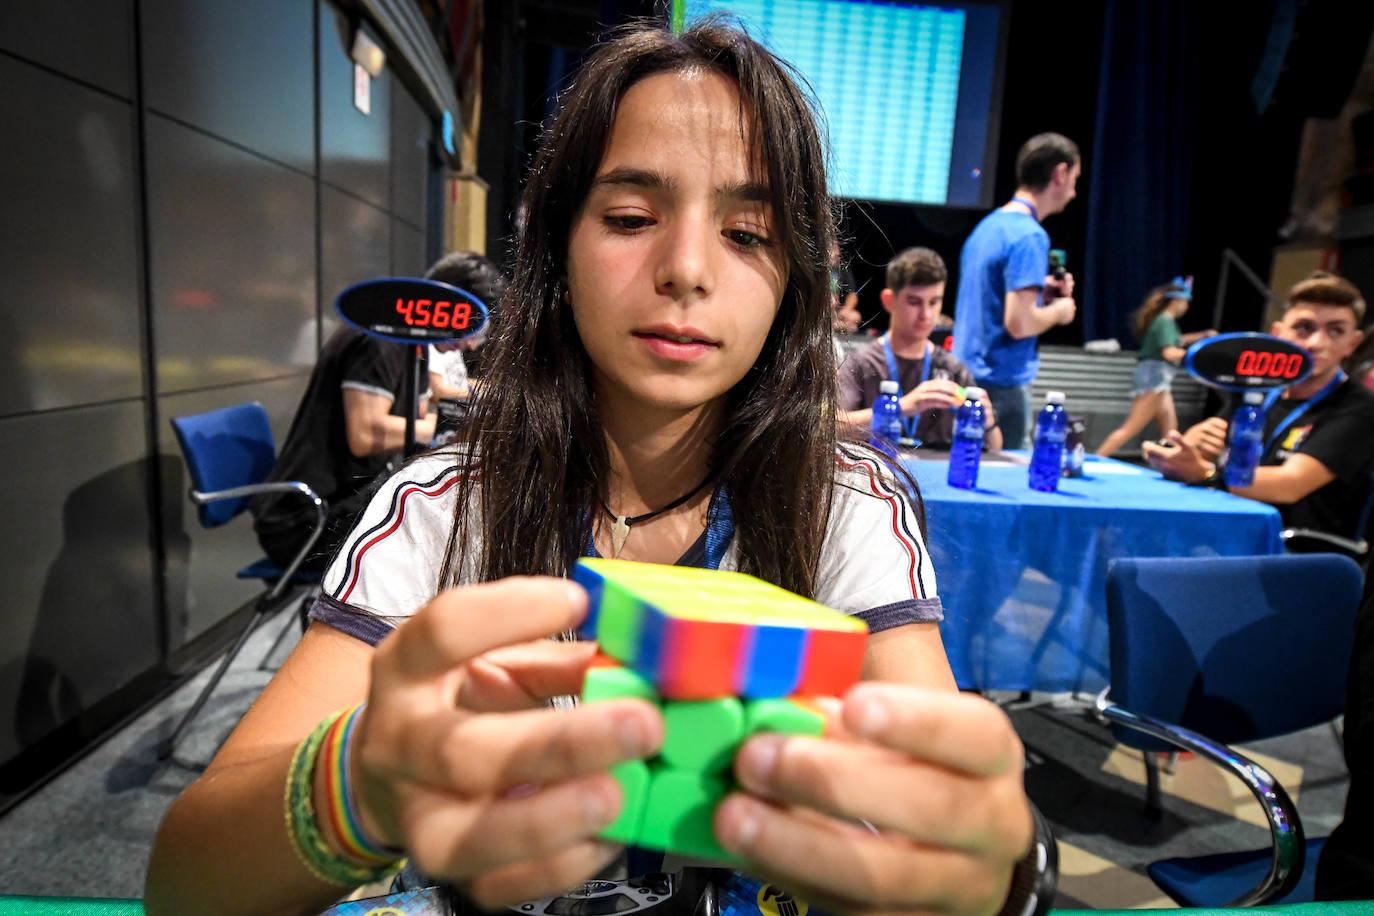 Bilborock acoge a los maestros del cubo de Rubik